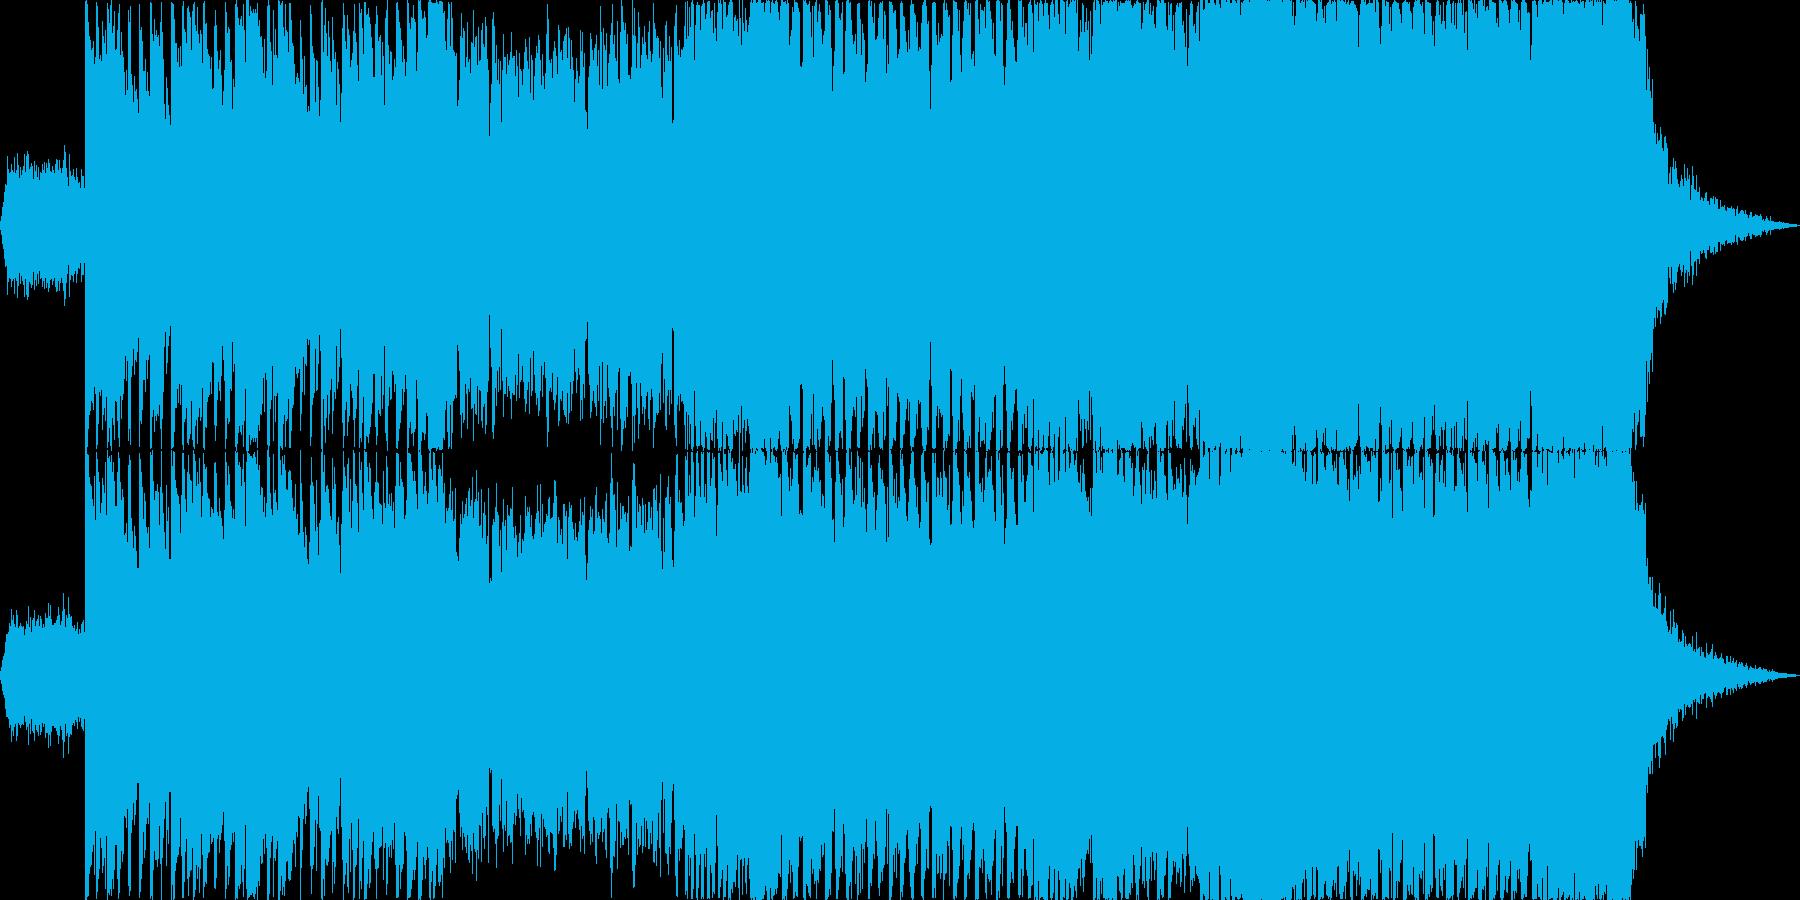 【1分版】ヘヴィーで攻撃的なエレキギターの再生済みの波形